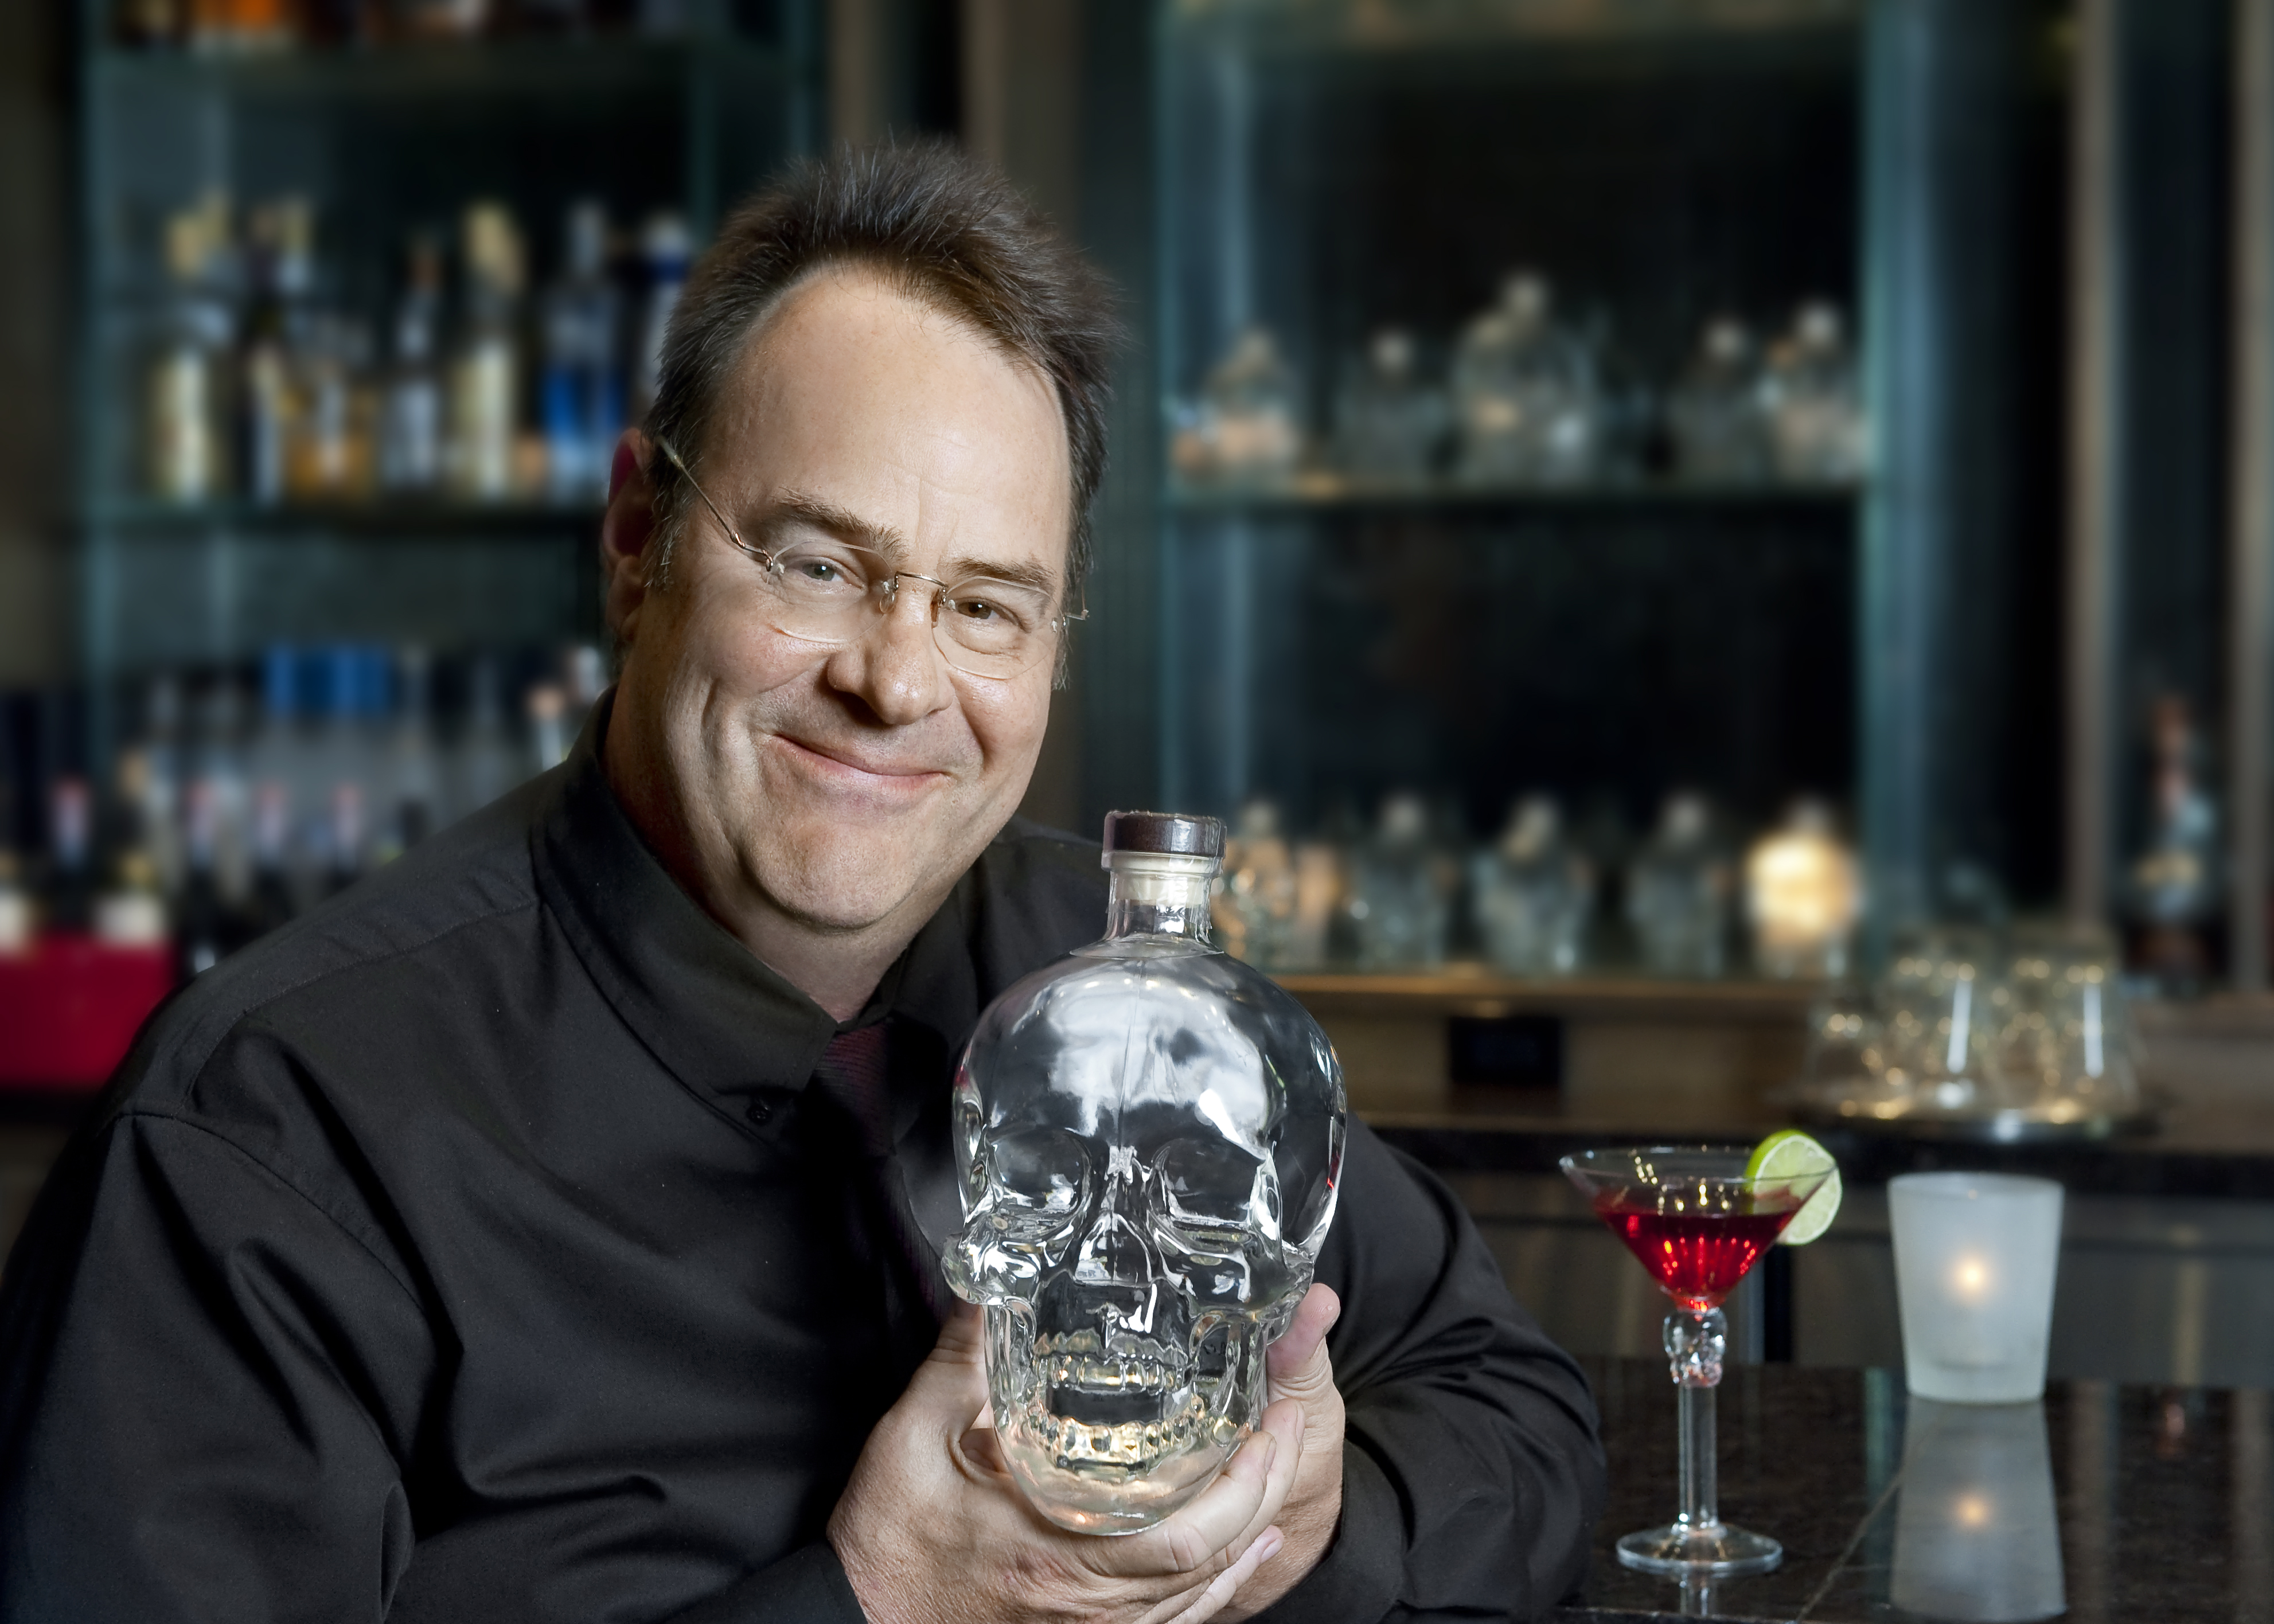 Dan aykroyd talks vodka with total wine more total for Da n